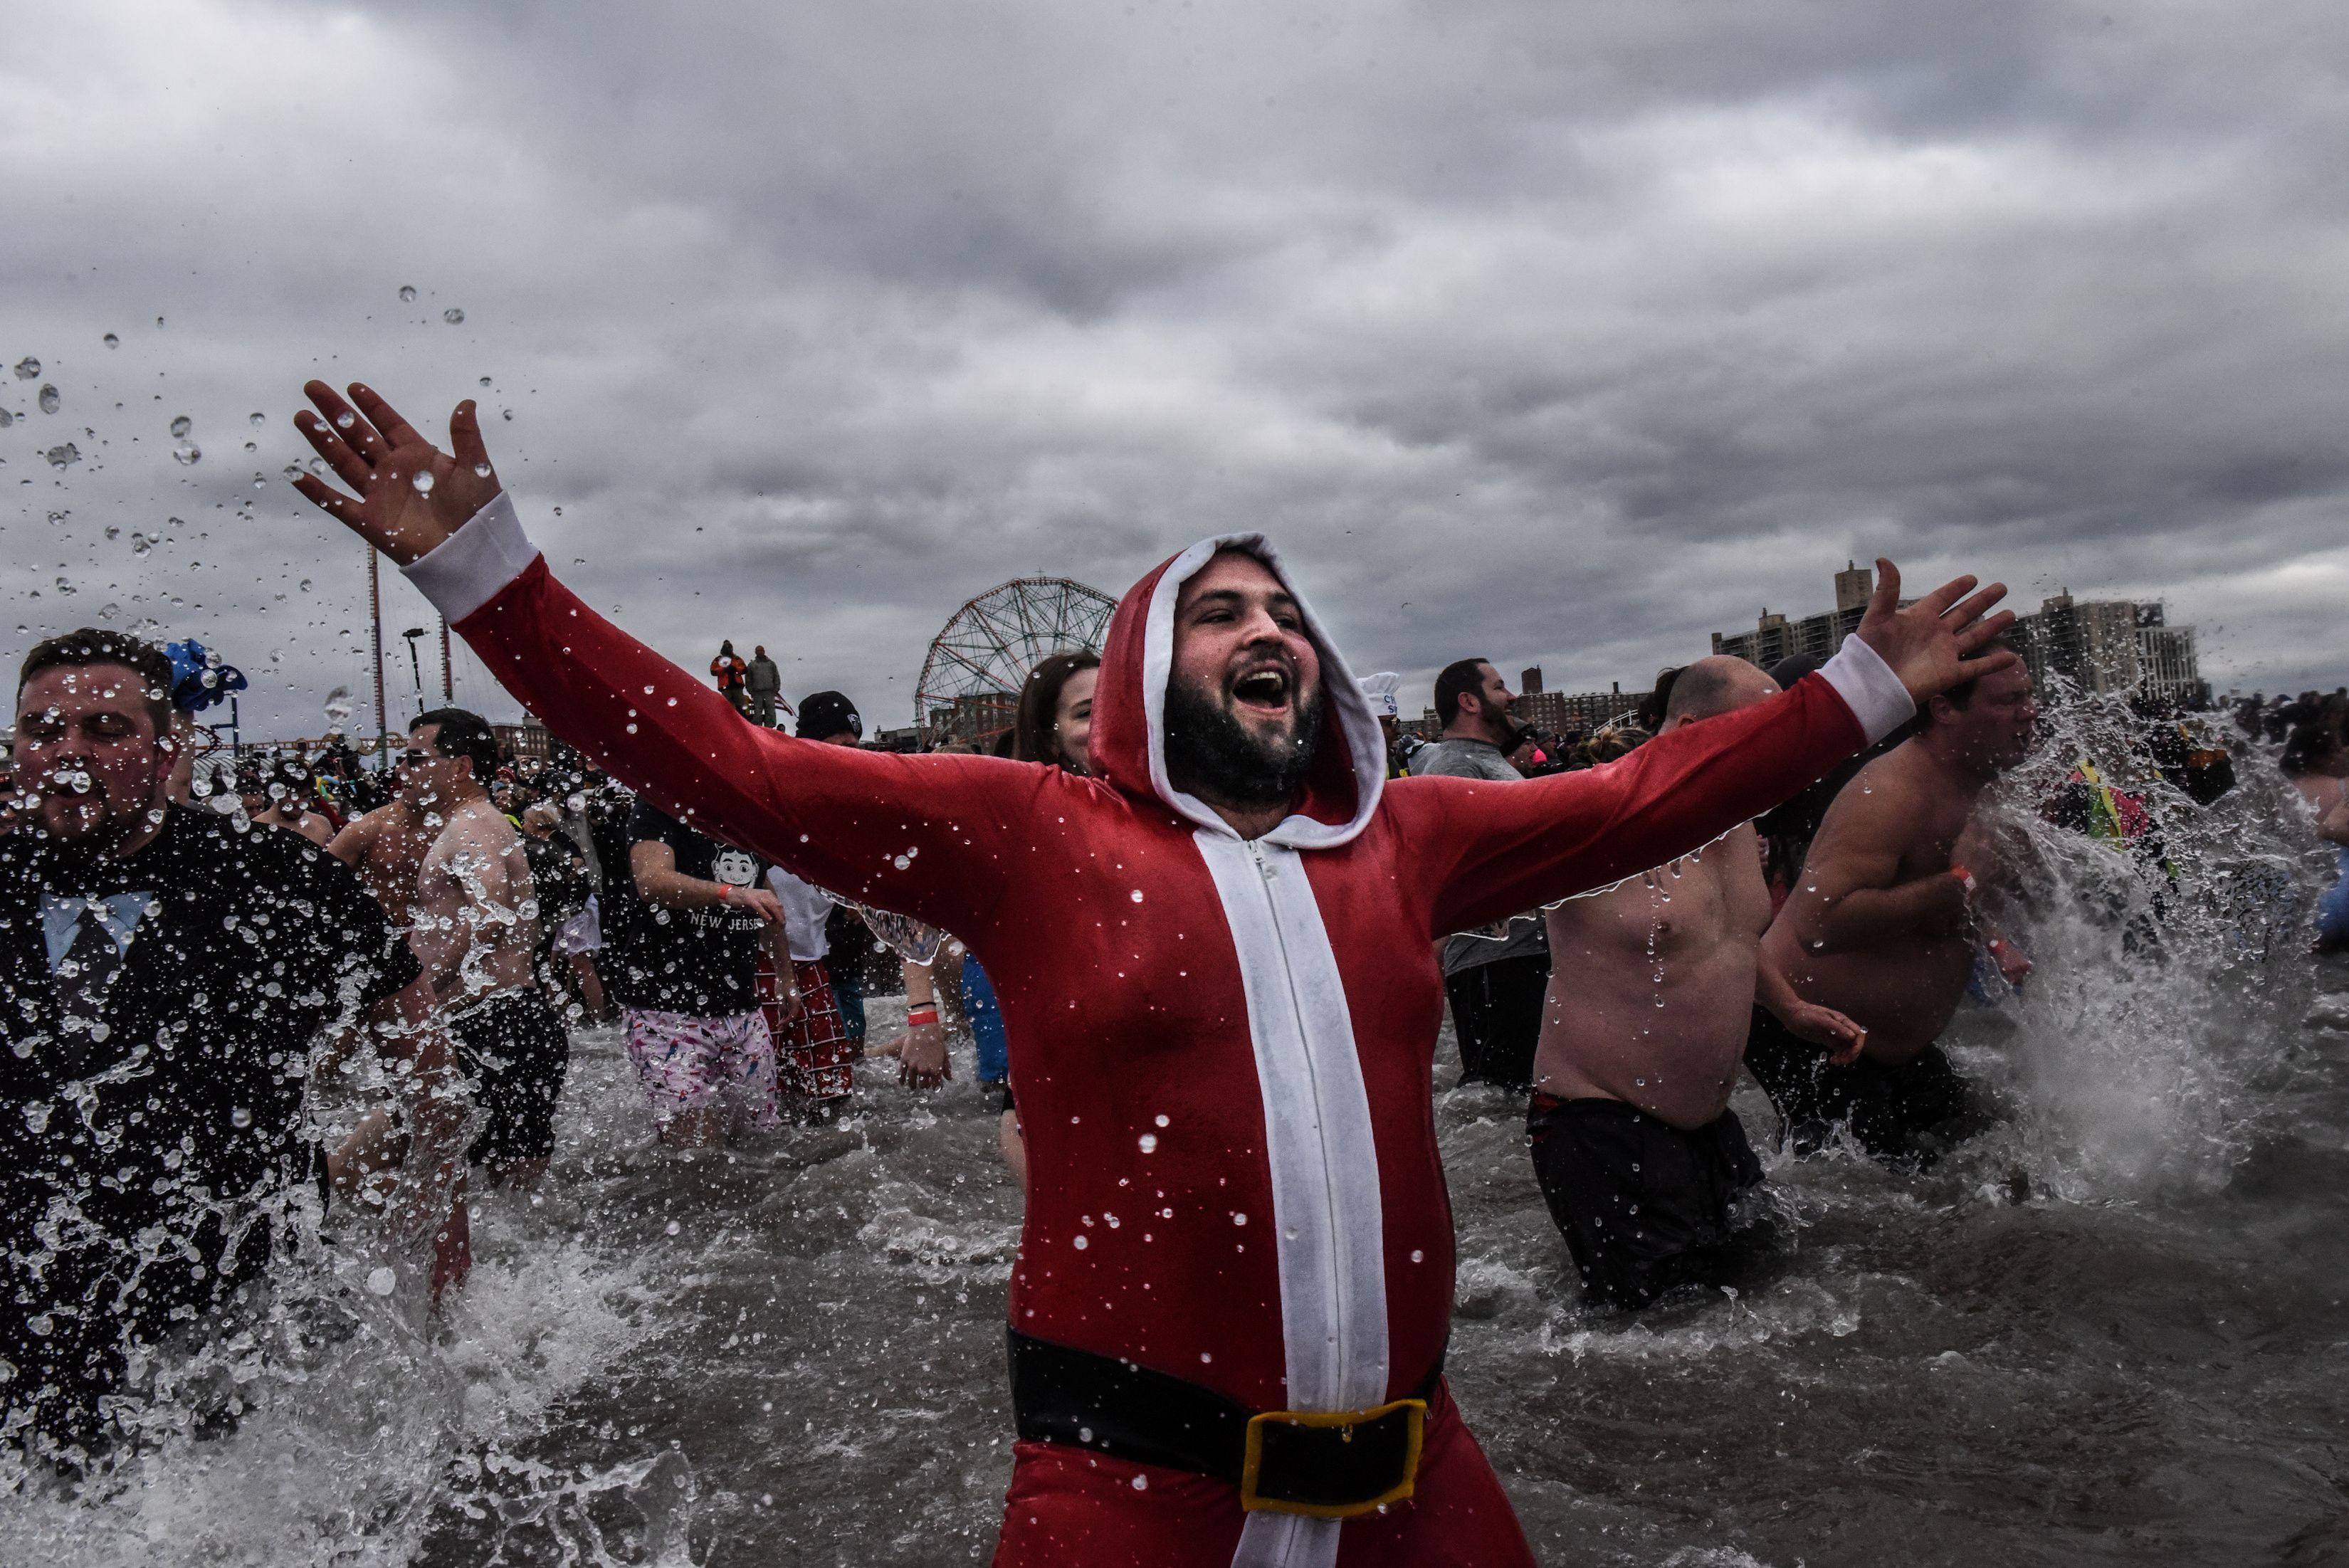 Allí, los neoyorquinos más atrevidos disfrutan de conciertos, atracciones y de un baño en el océano Atlántico, muchos de ellos disfrazados (REUTERS/Stephanie Keith)